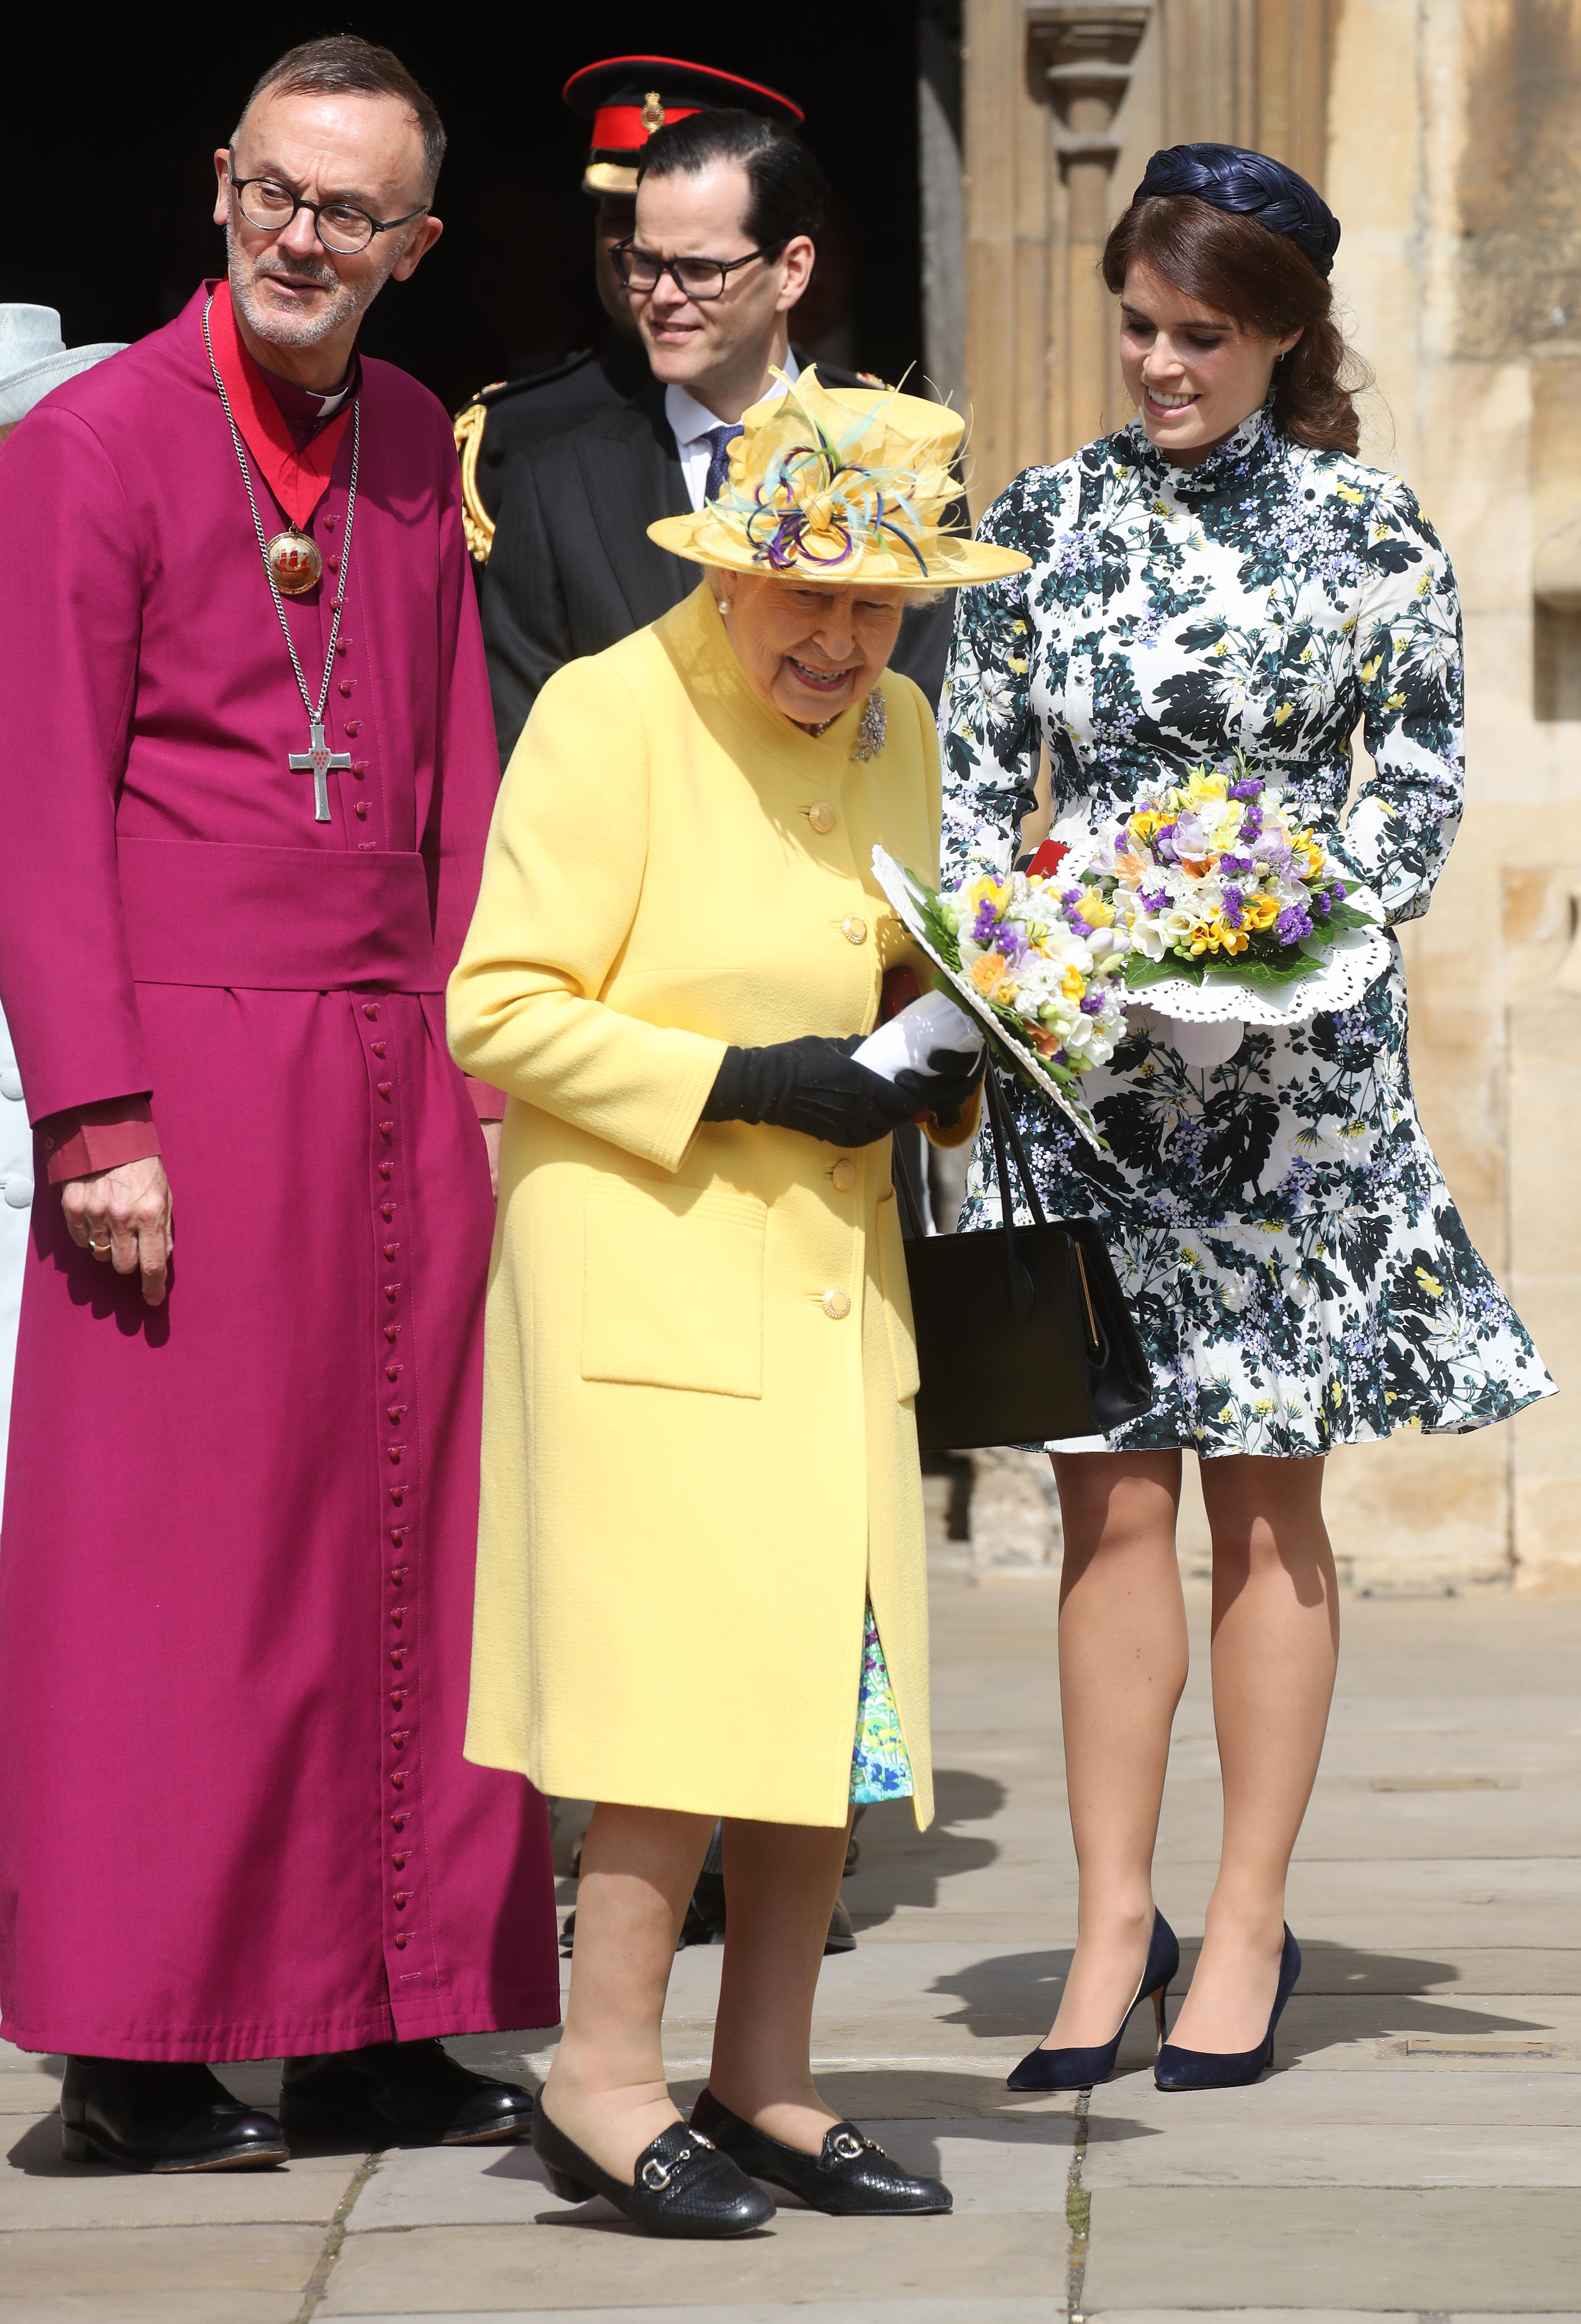 Британската кралица Елизабет Втора присъства на традиционната религиозна служба за Велики четвъртък, придружена от нейната внучка принцеса Юджини.